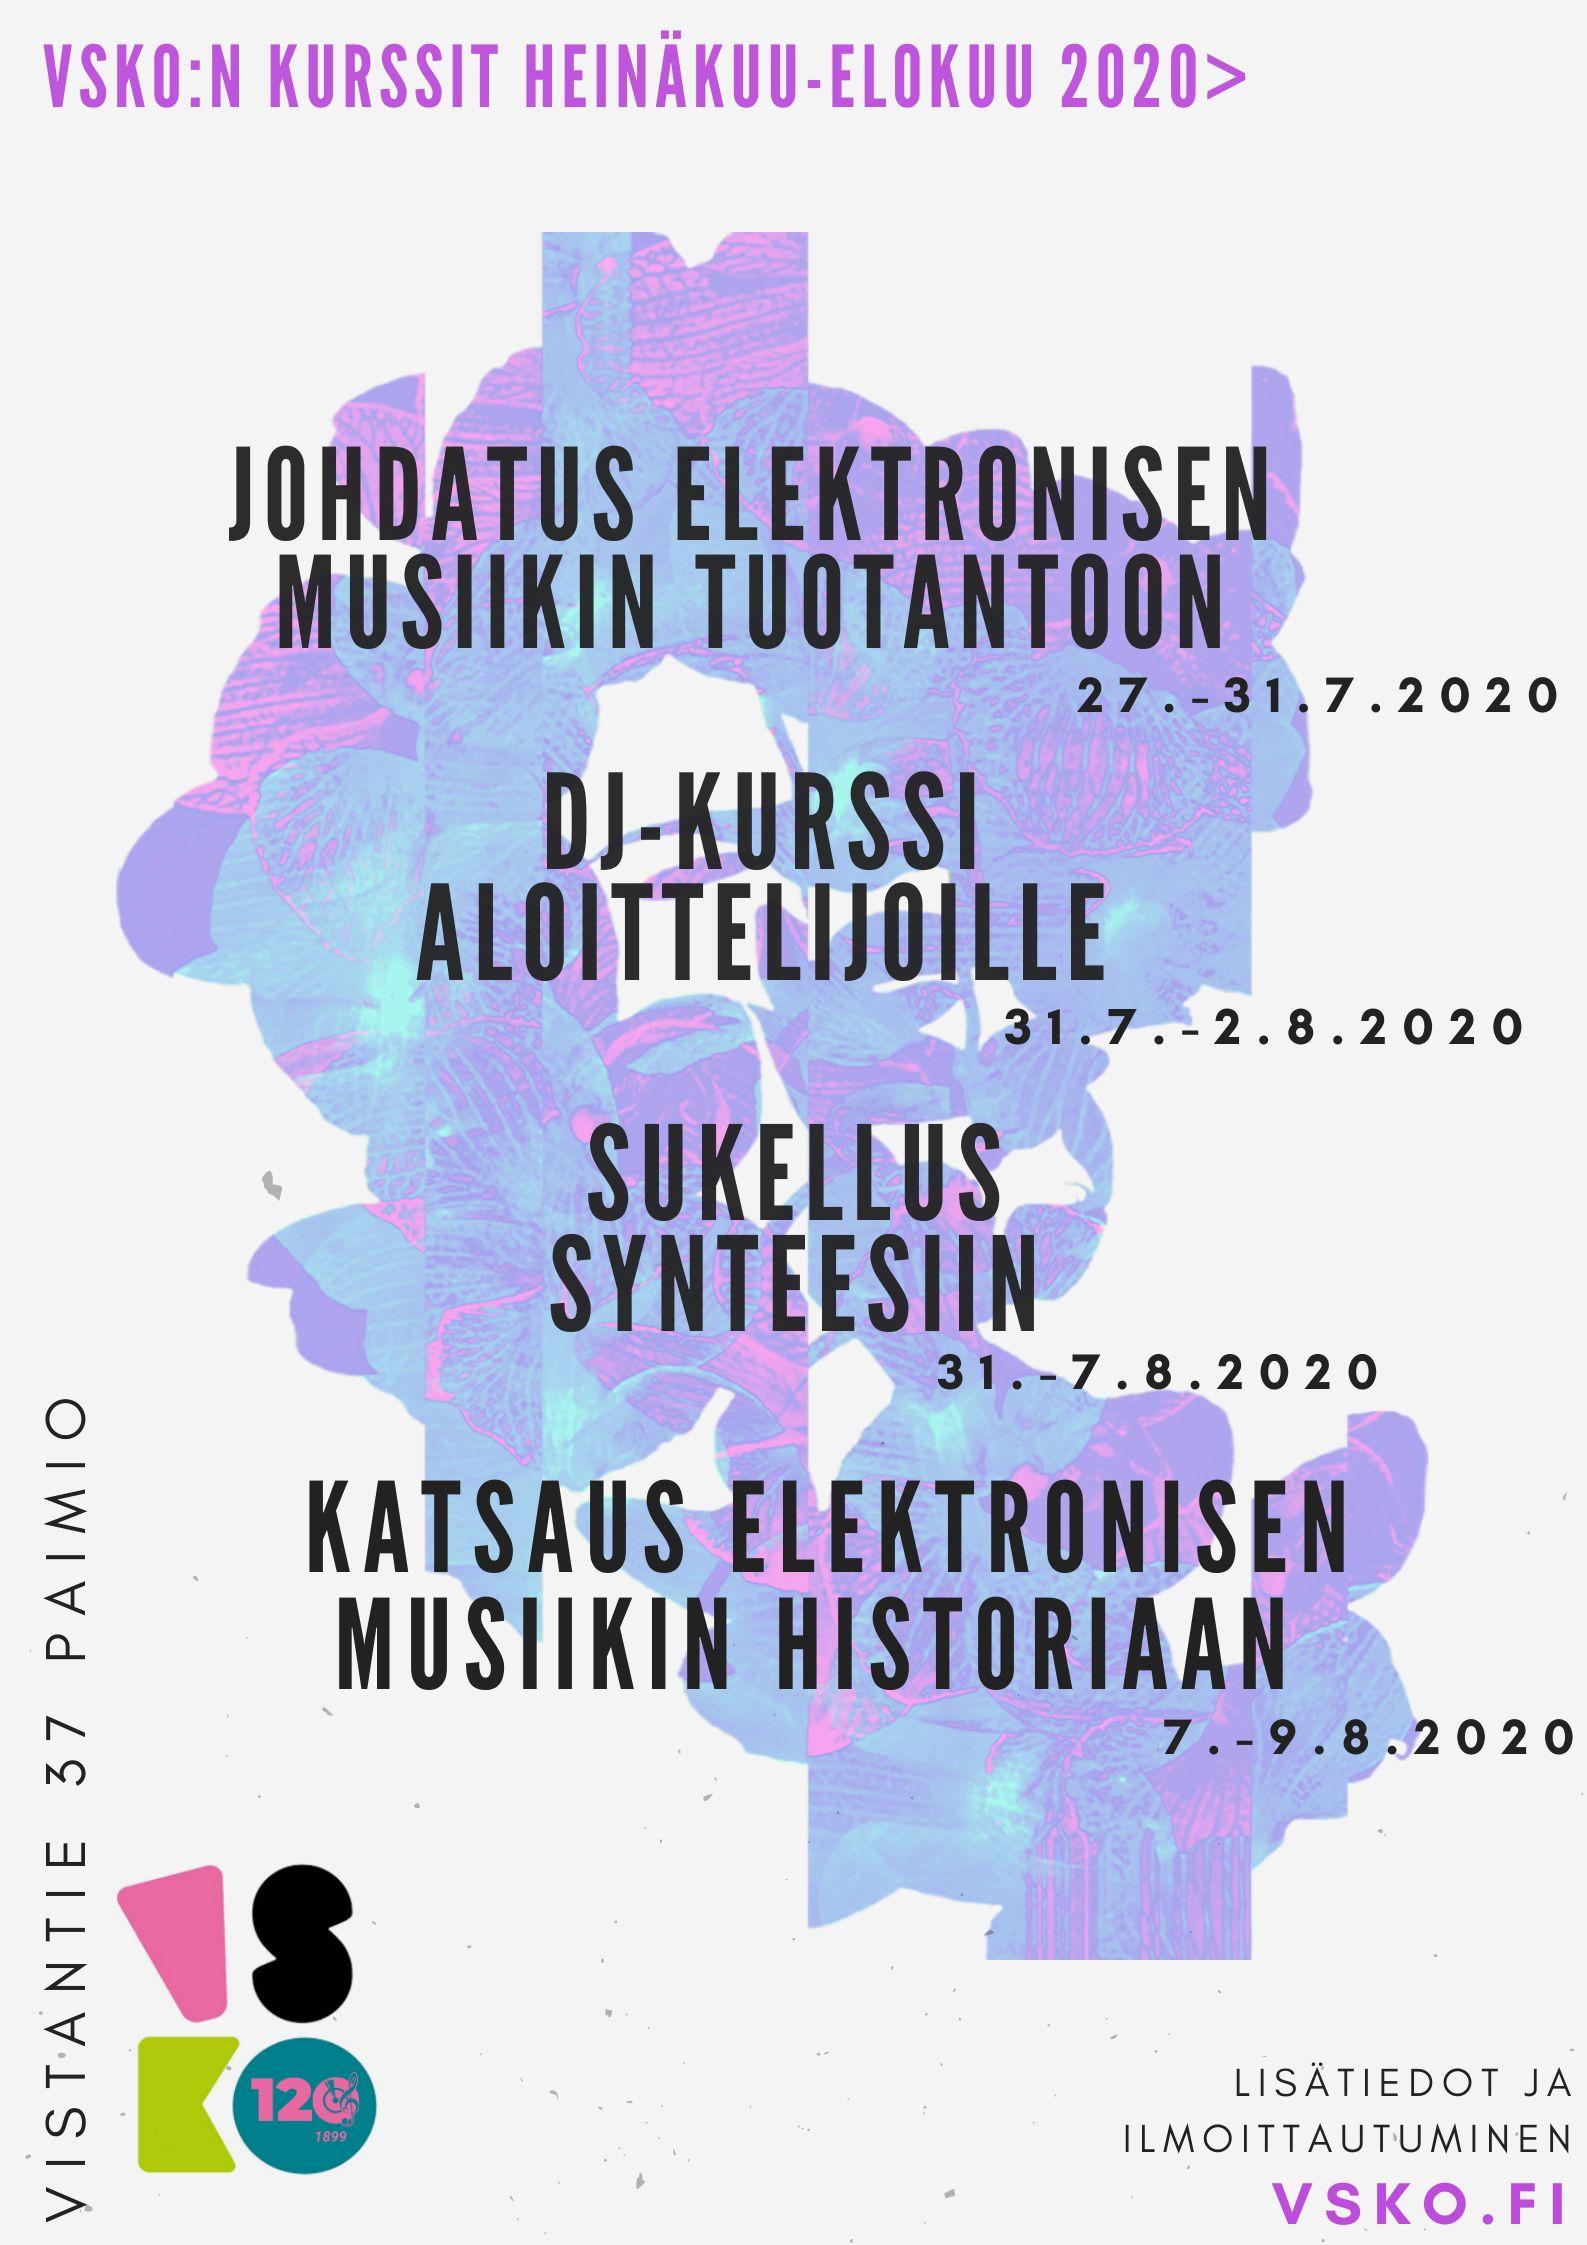 Elektronisen musiikin tuotanto, DJ-kurssi aloittelijoille, Sukellus synteesiin, Katsaus elektronisen musiikin historiaan, kurssit kesä 2020